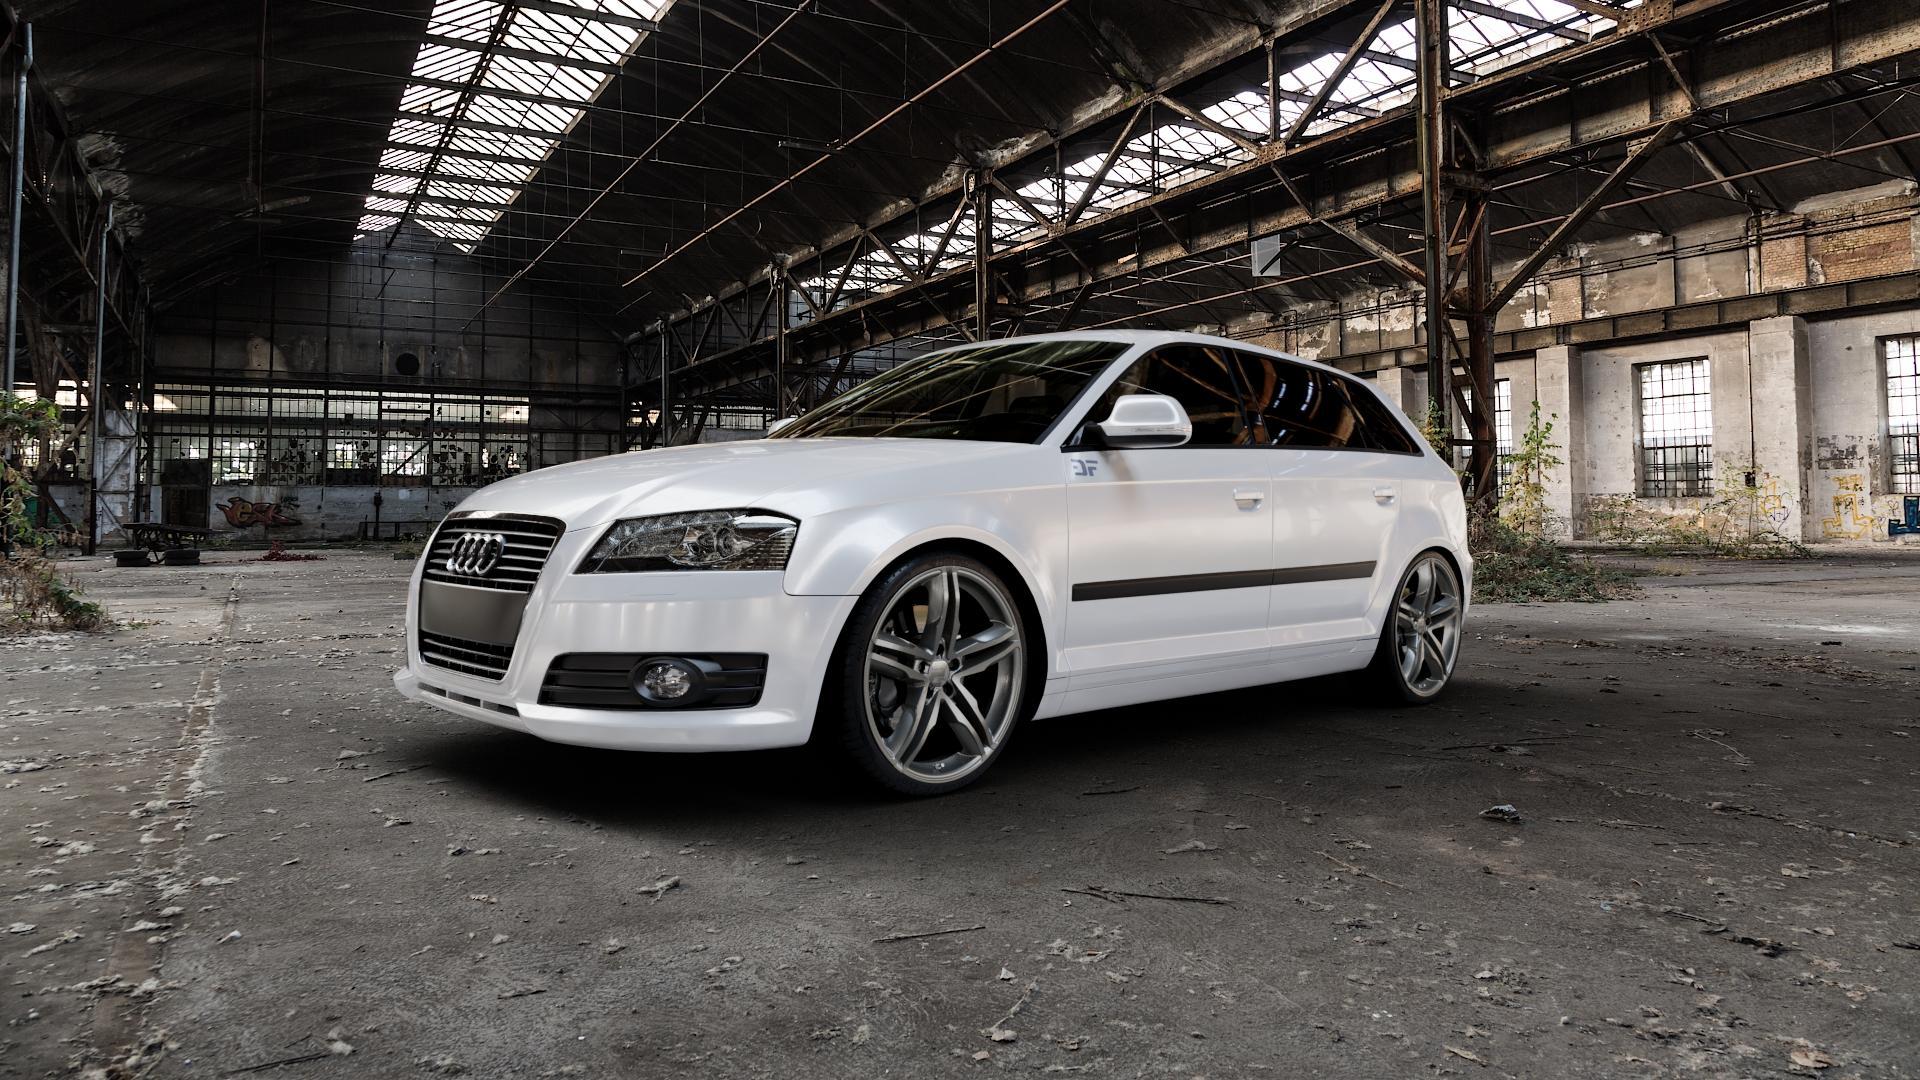 2DRV WH11 Daytona Grau lackiert Felge mit Reifen in 19Zoll Winterfelge Alufelge auf weissem Audi A3 Typ 8P (Sportback) 1,6l 75kW (102 PS) 2,0l FSI 110kW (150 1,9l TDI 77kW (105 103kW (140 TFSI 147kW (200 85kW (116 100kW (136 1,8l 118kW (160 125kW (170 1,4l 92kW (125 120kW (163 quattro 3,2l V6 184kW (250 S3 195kW (265 1,2l 66kW (90 18